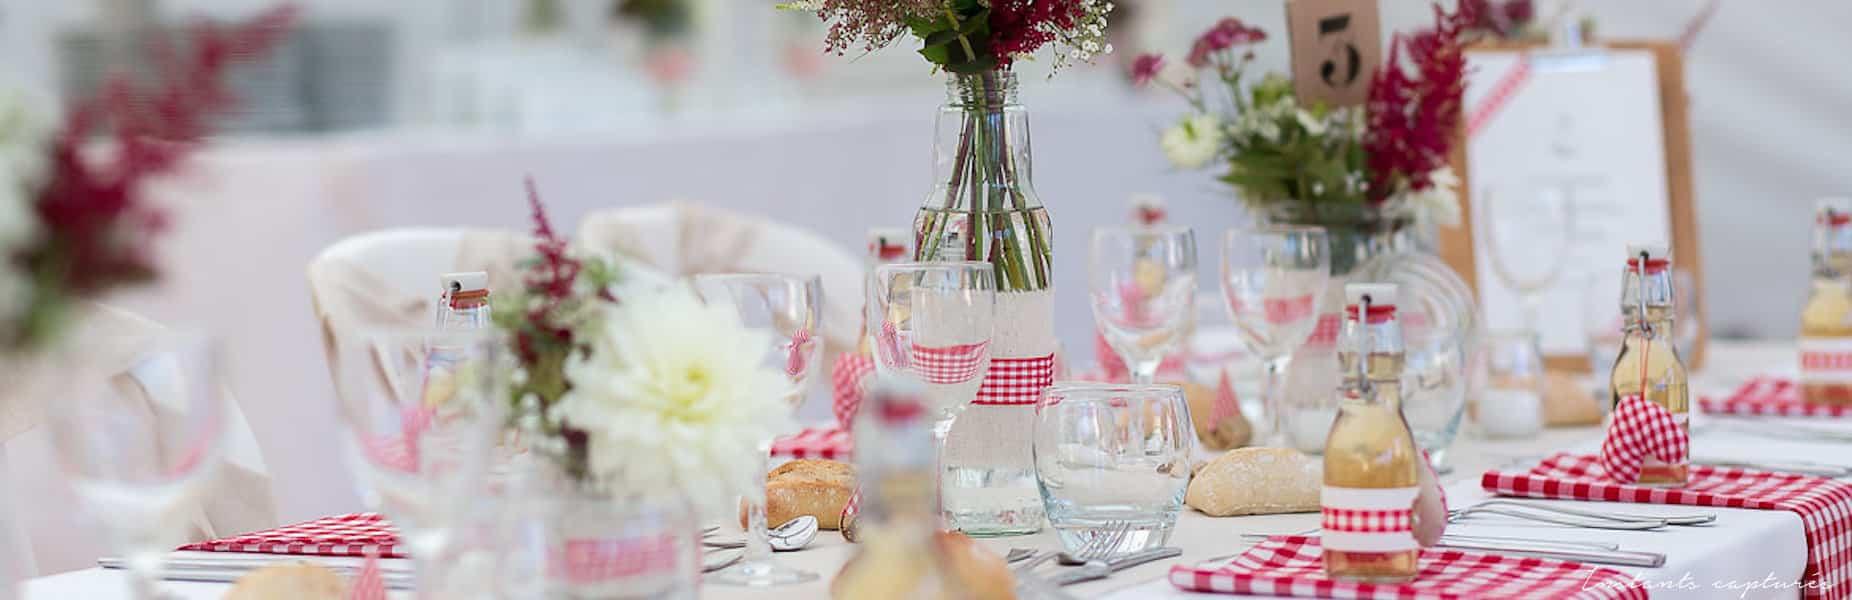 mariage-guinguette-rouge